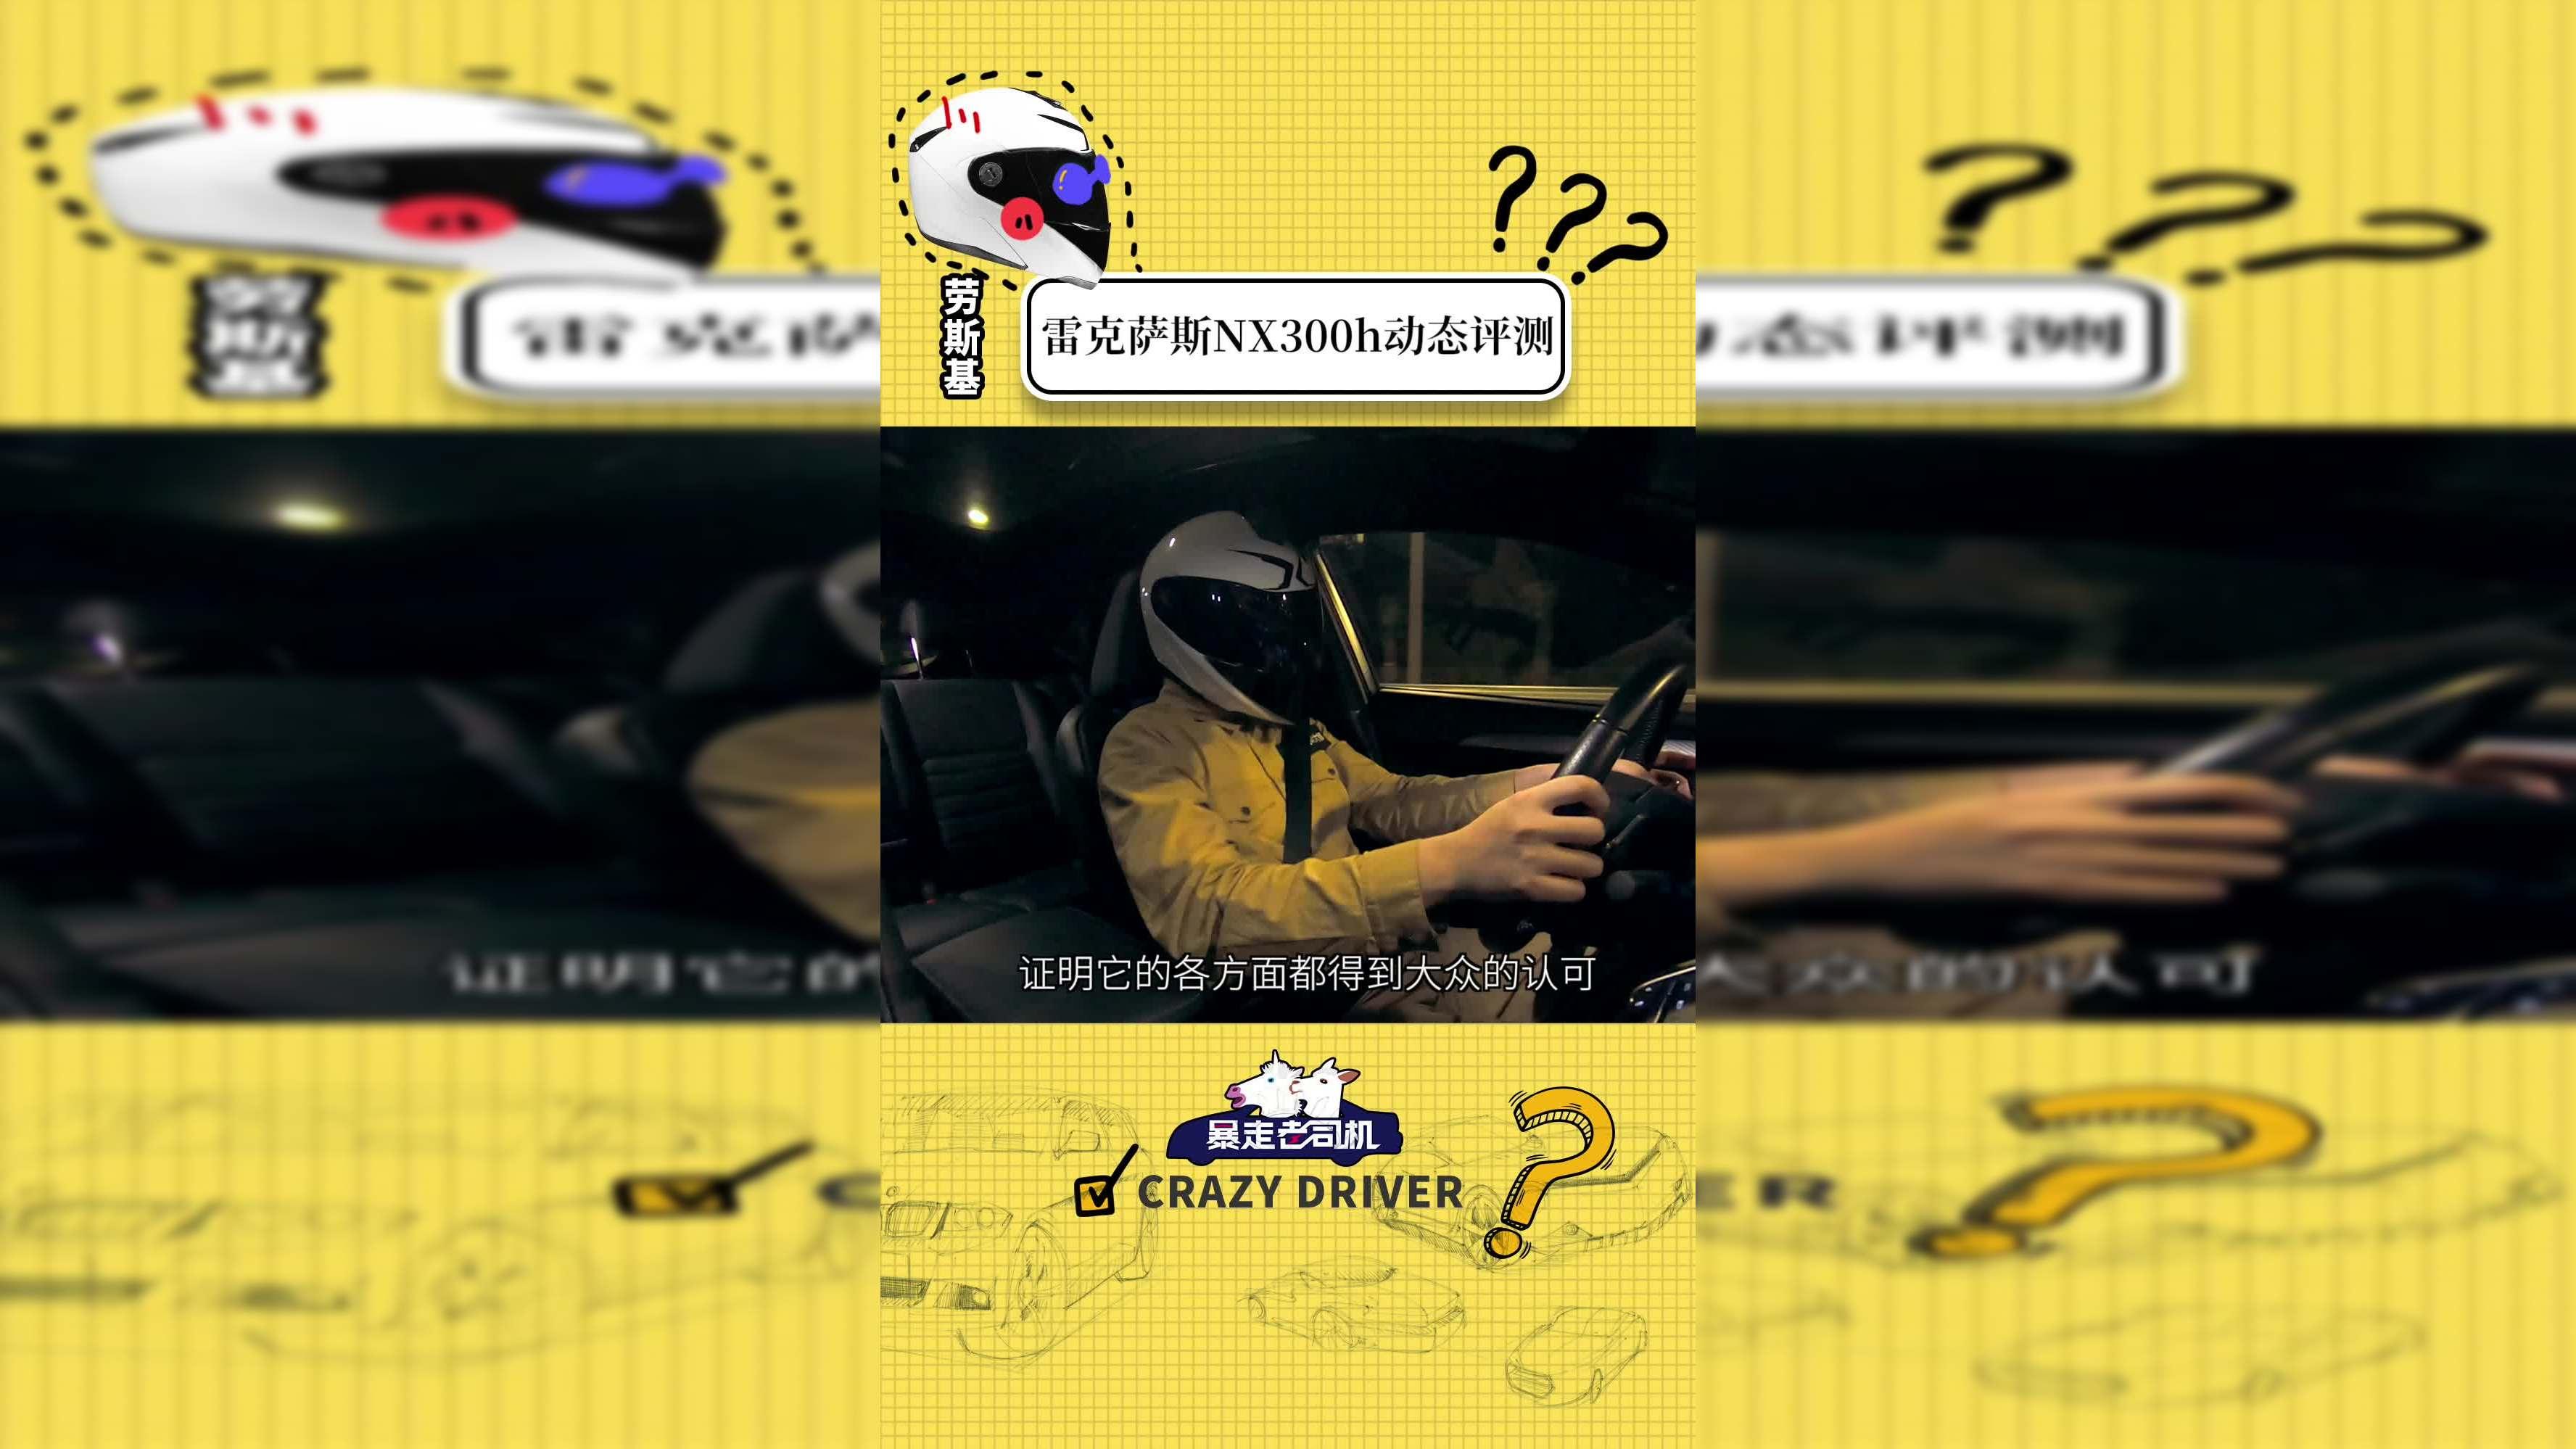 【暴走老司机】雷克萨斯NX300h